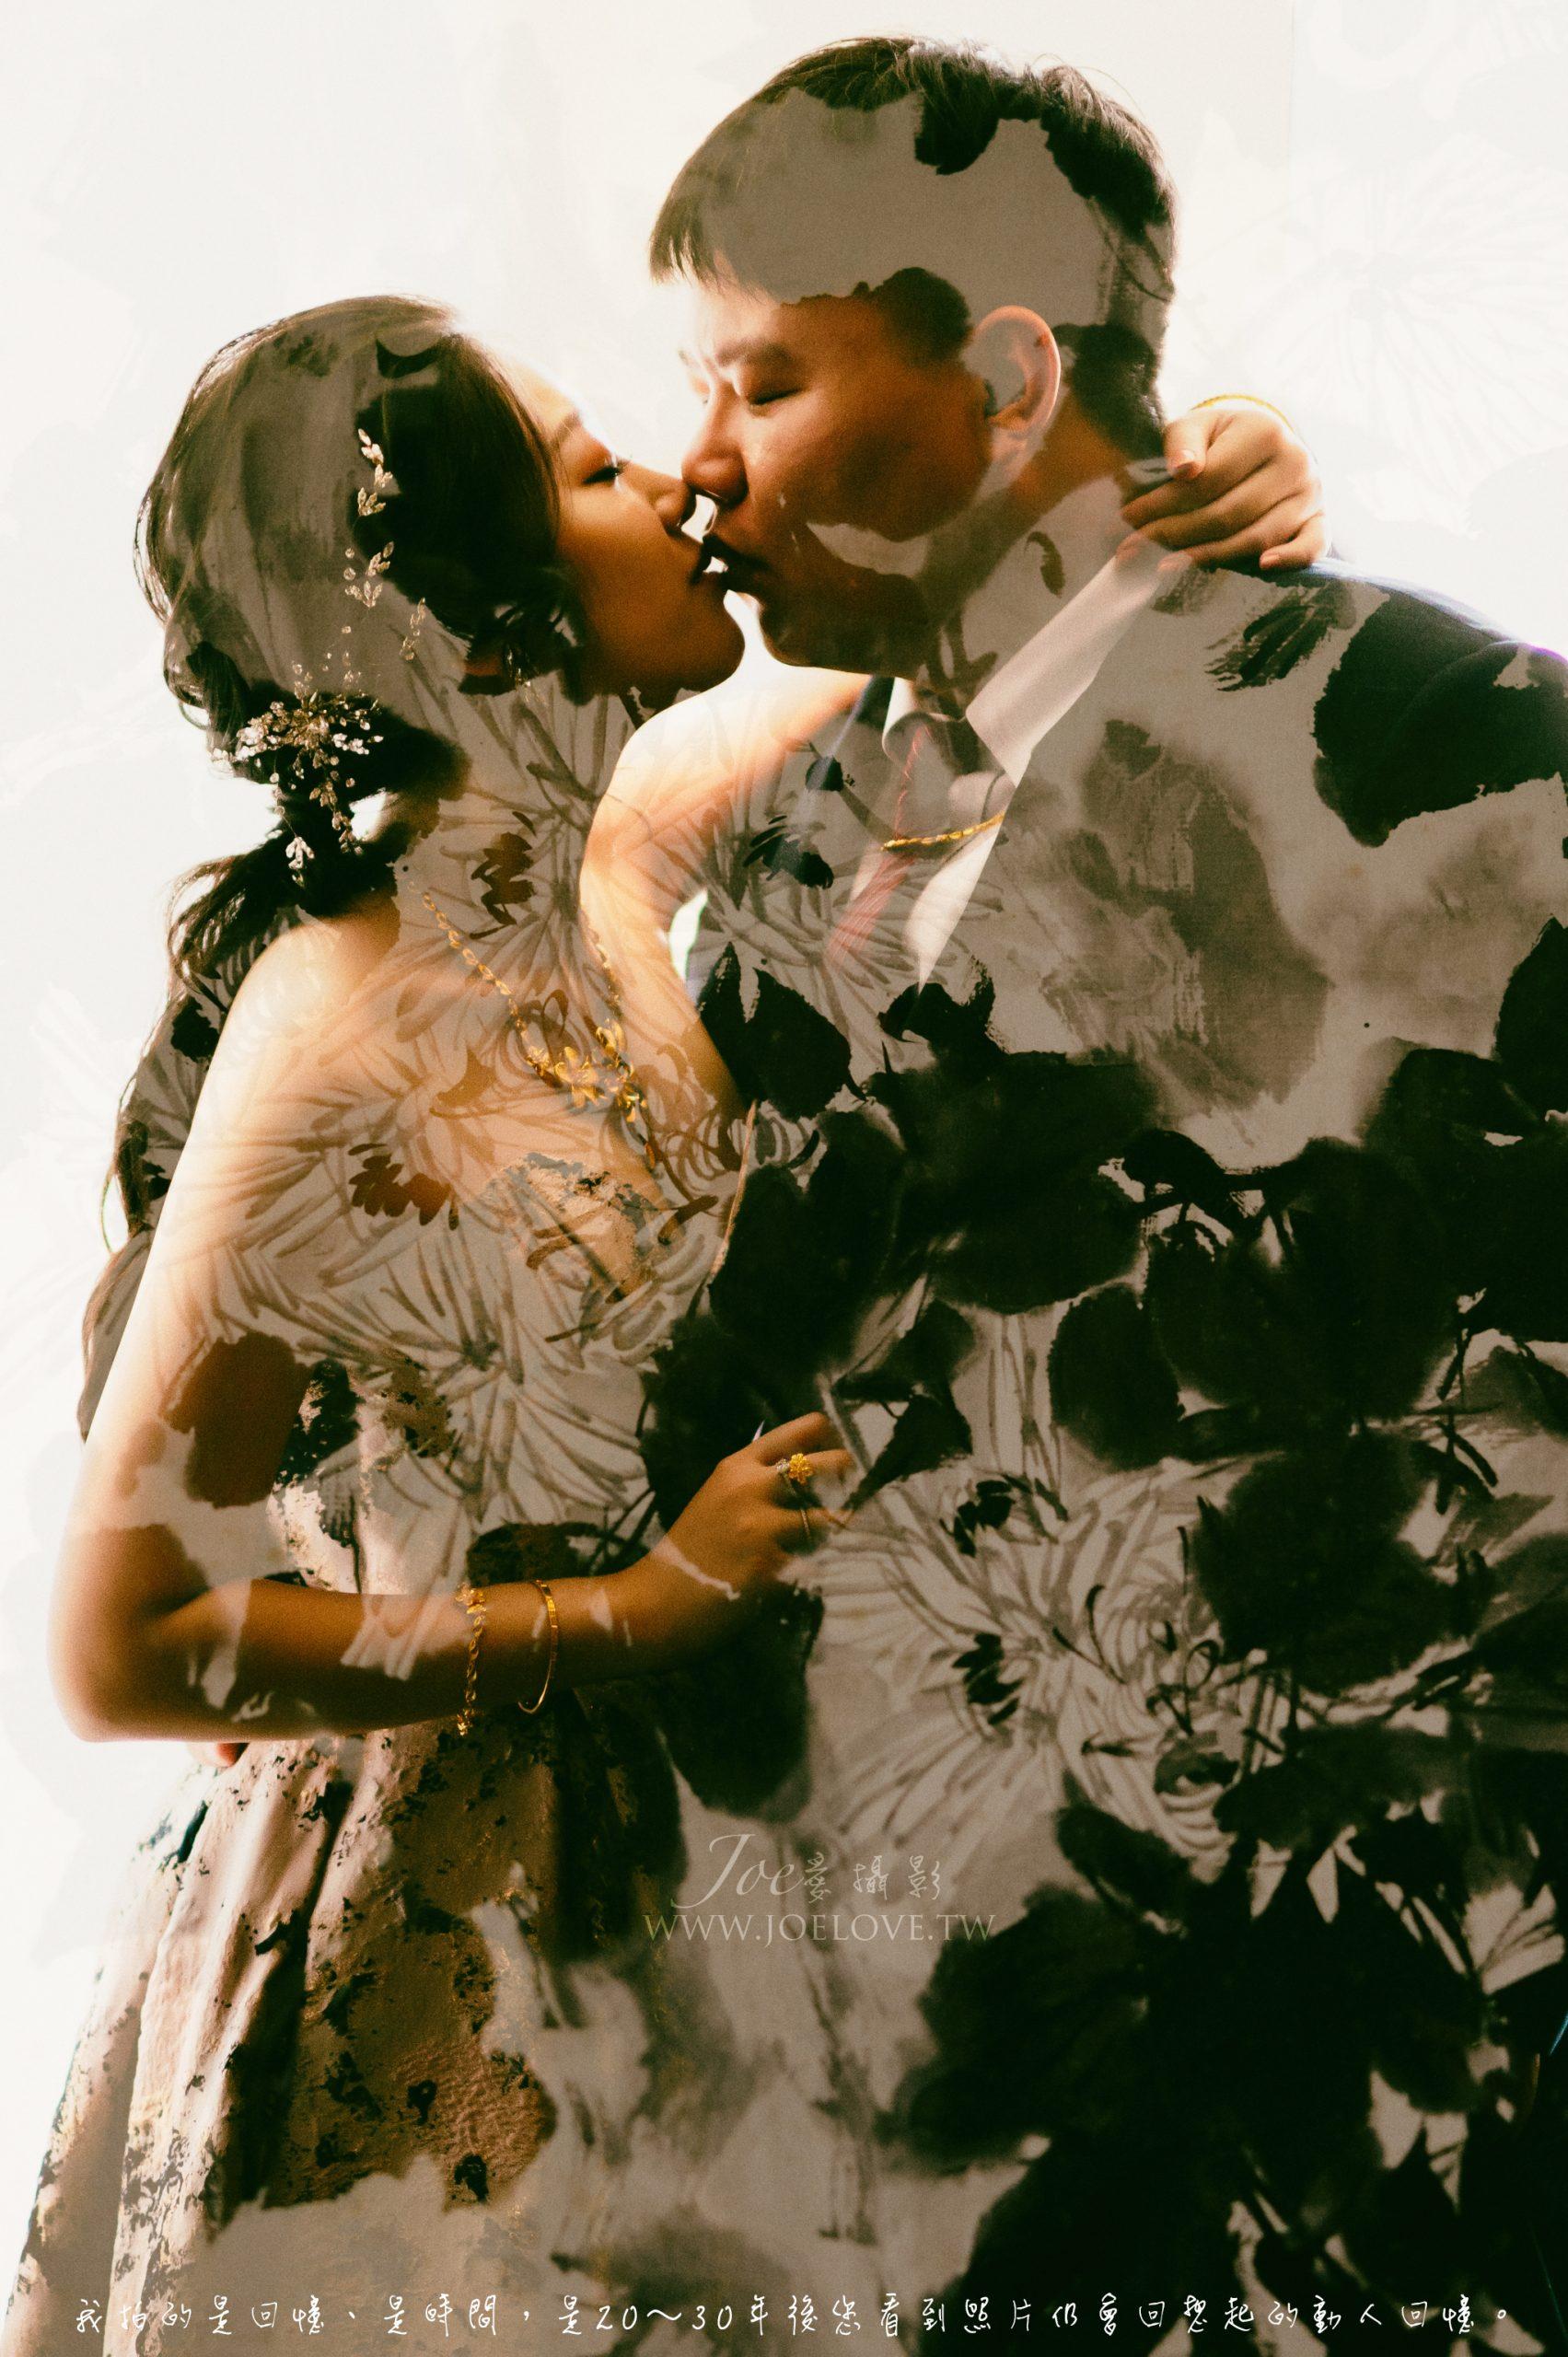 台中婚攝 嬿戎+建航 訂婚奉茶 米洛造型天使老師